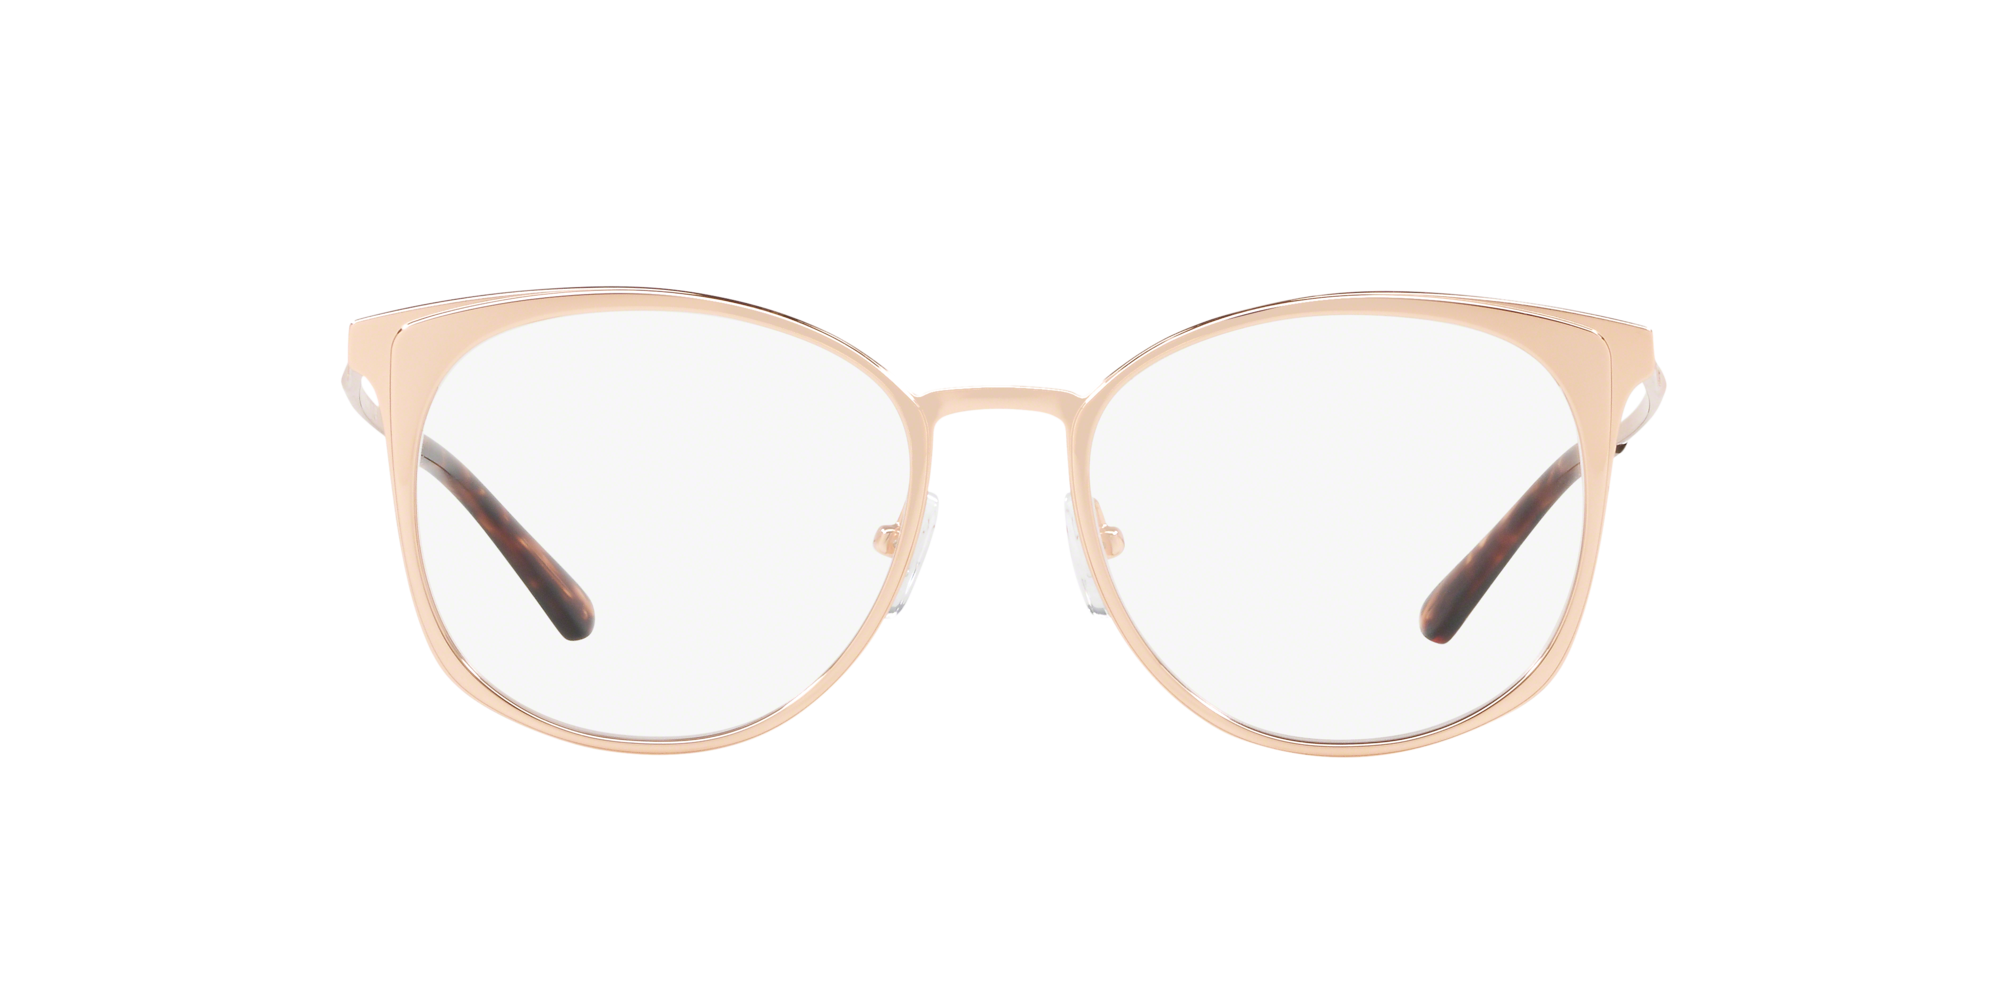 Image de MK3022 NEW ORLEANS from LensCrafters | Lunettes, lunettes d'ordonnance en ligne, lunetterie